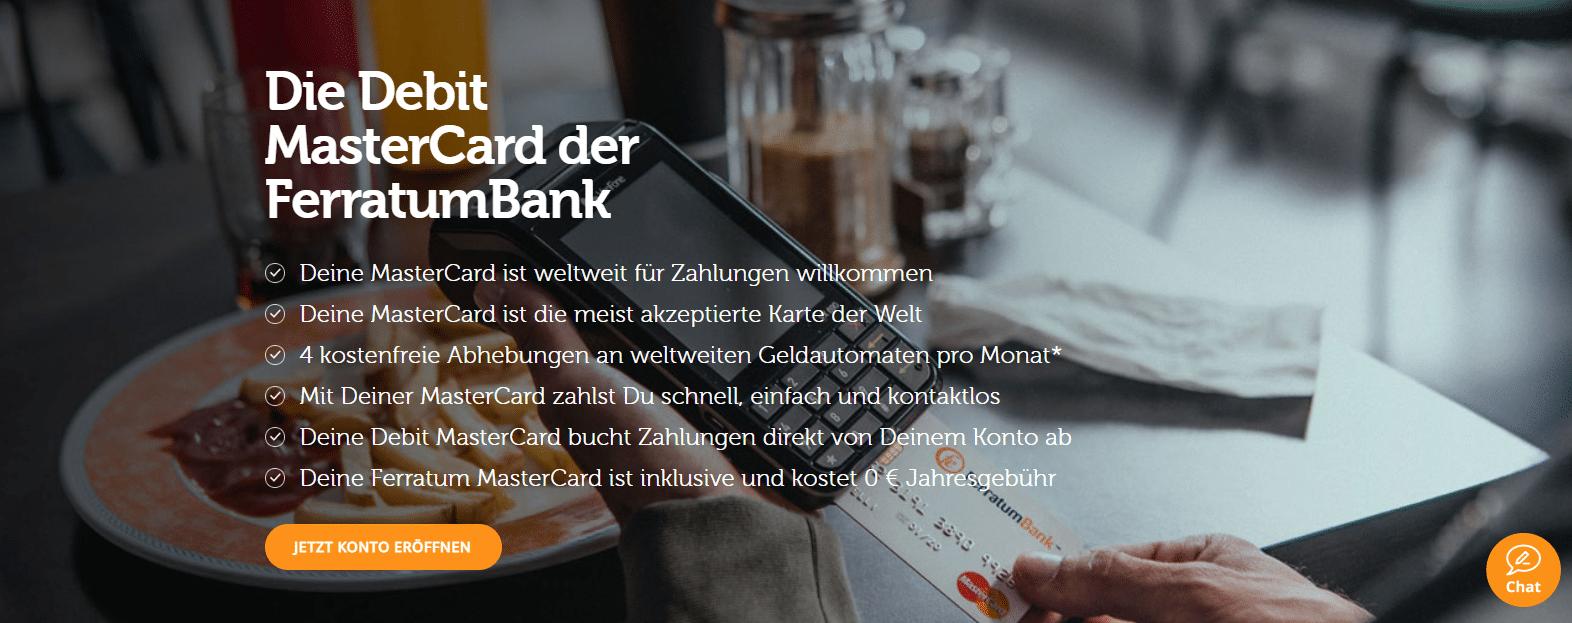 Ferratum Bank Kreditkarte